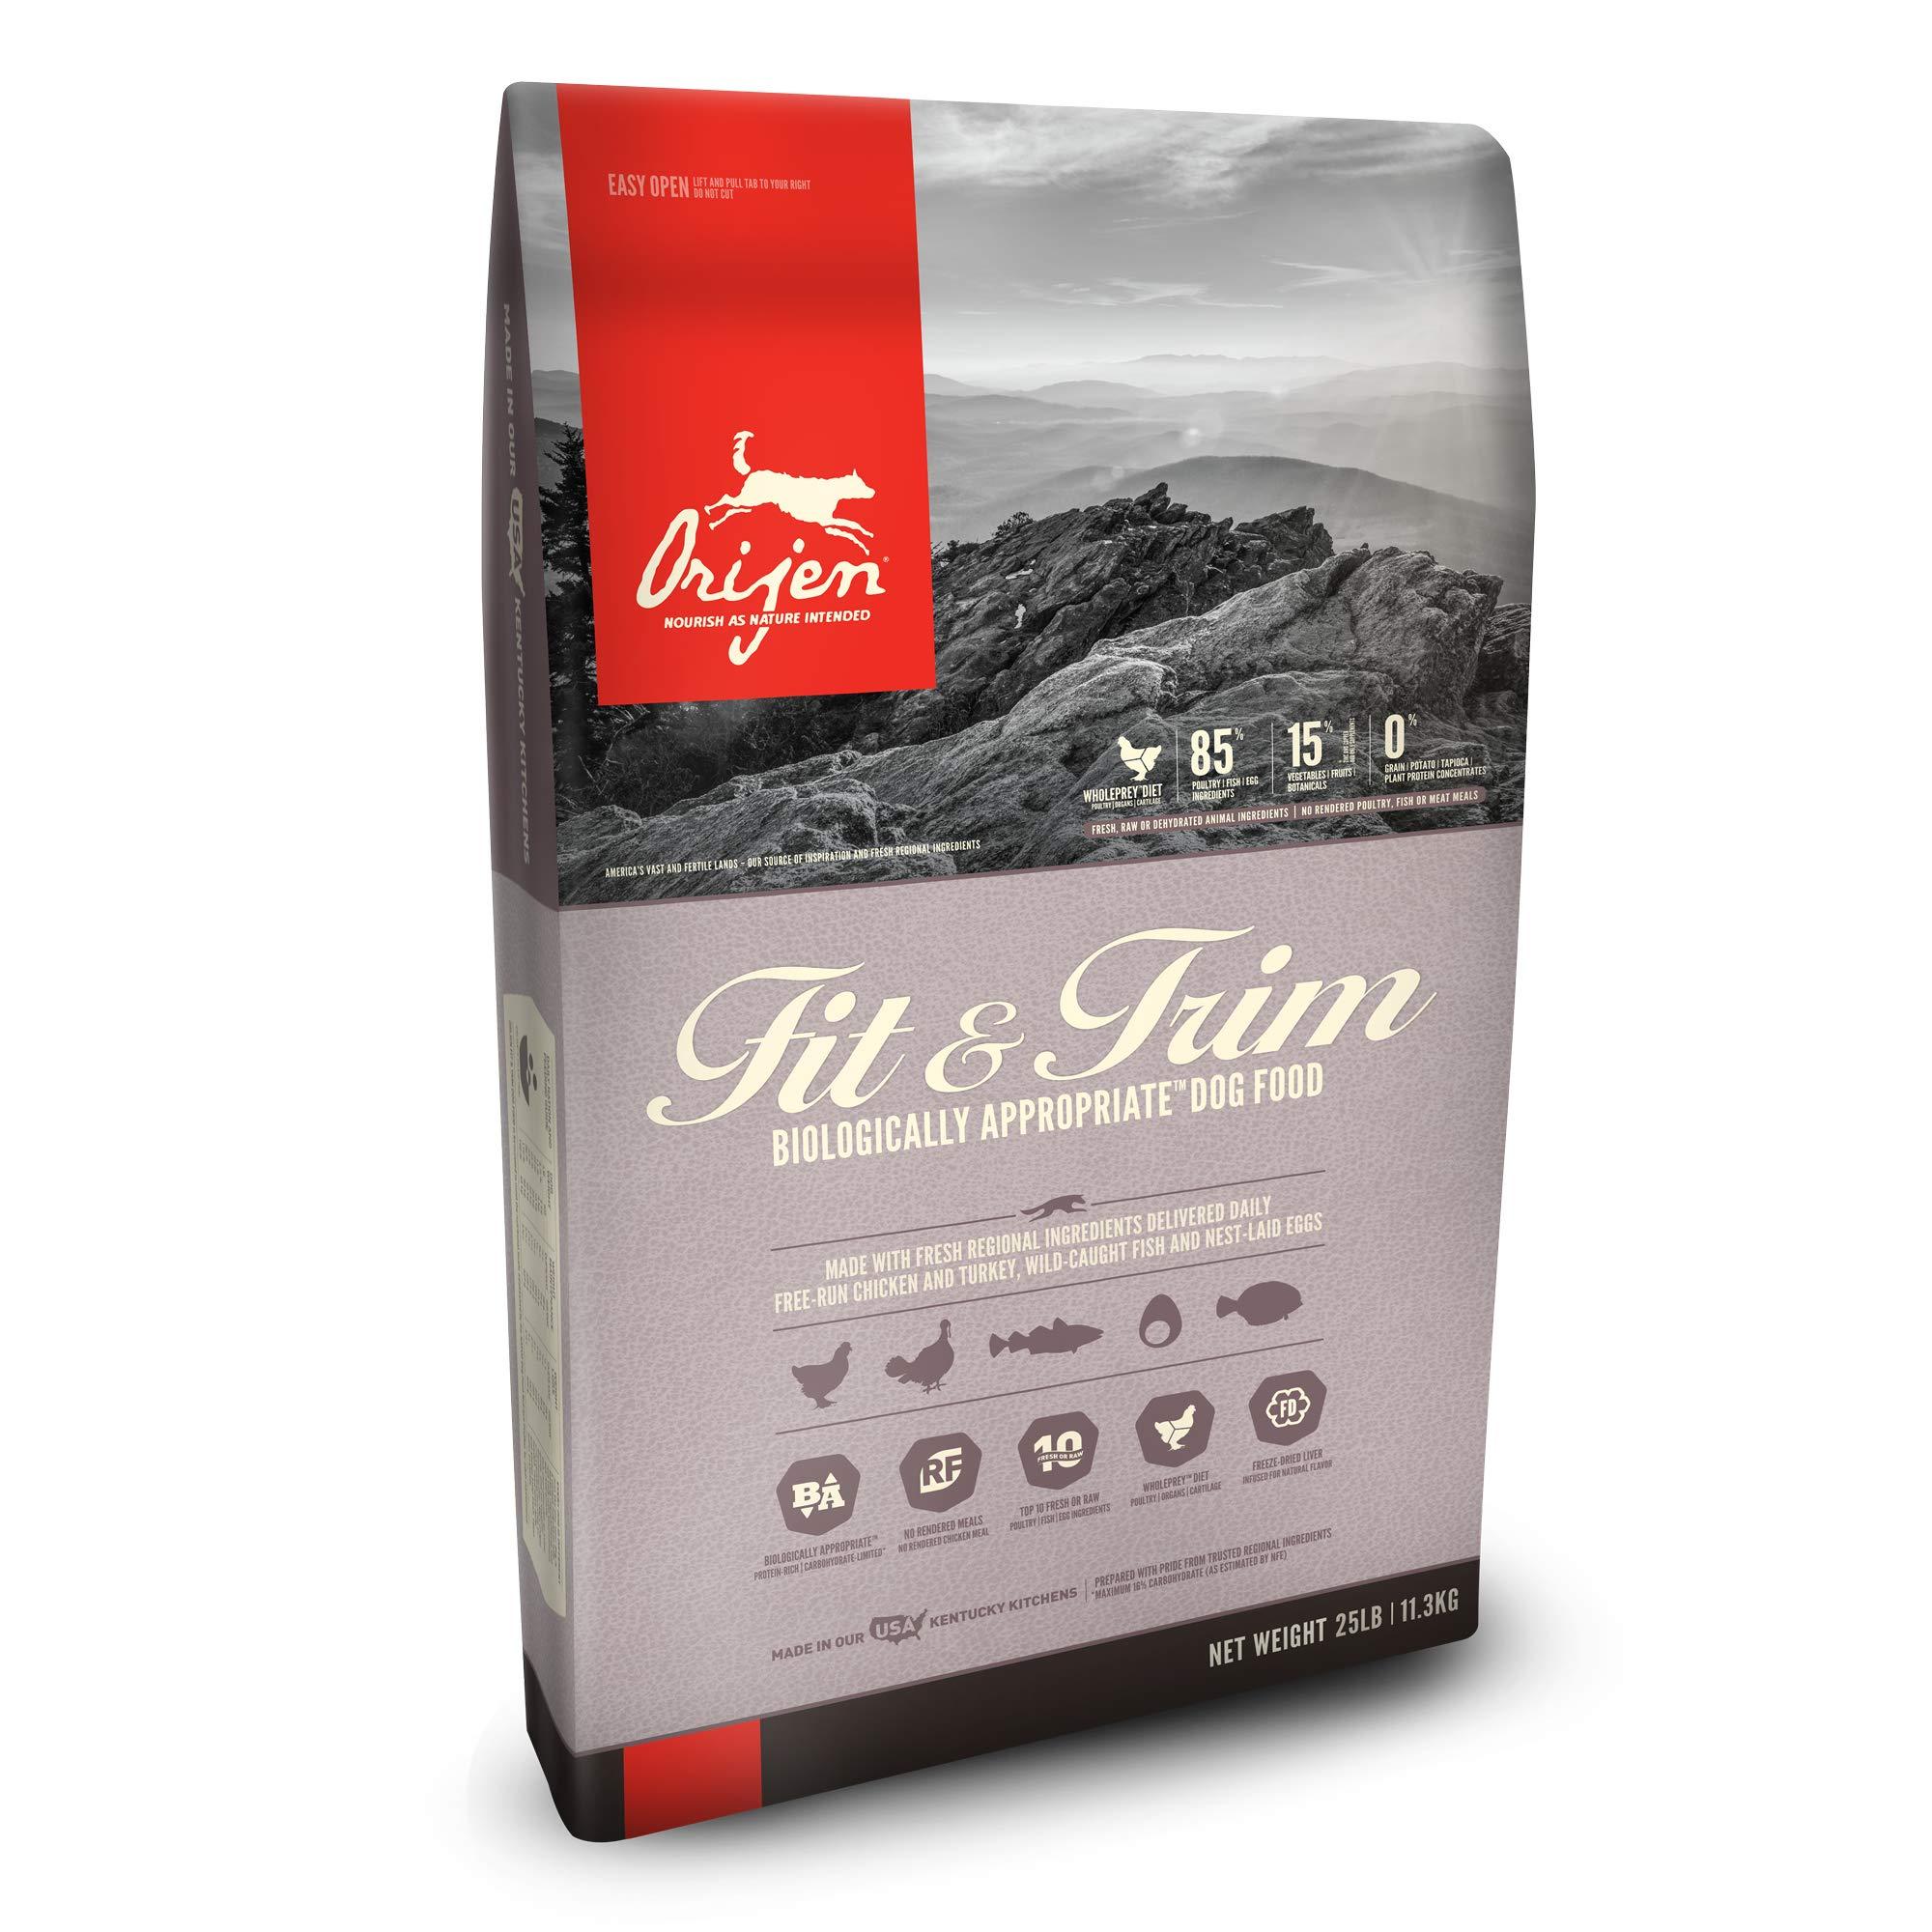 ORIJEN Dry Dog Food, Fit & Trim, Biologically Appropriate & Grain Free